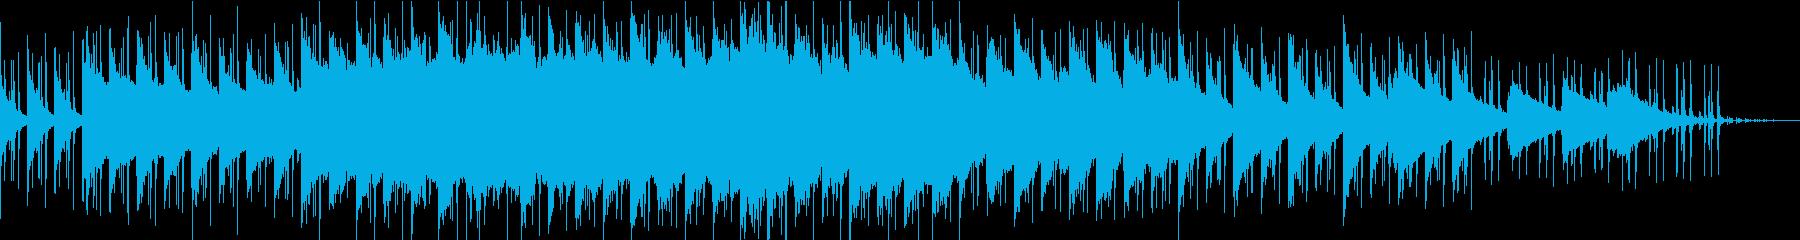 緩めのエレクトロ曲の再生済みの波形